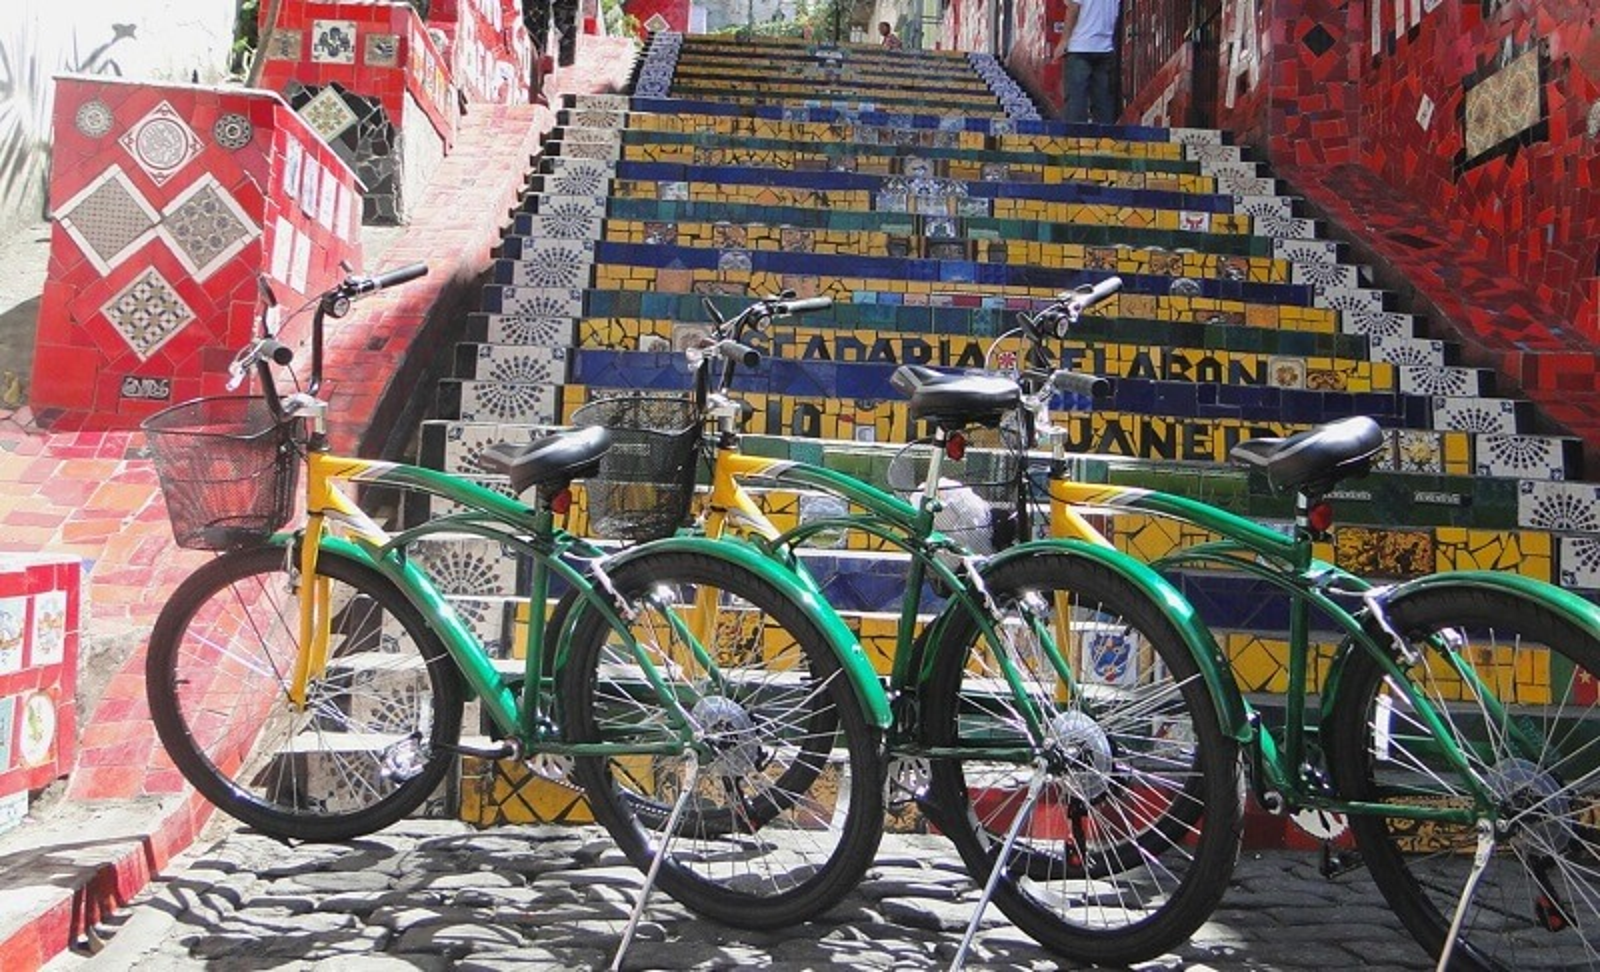 Visiter le centre historique de Rio et le quartier de Lapa à vélo